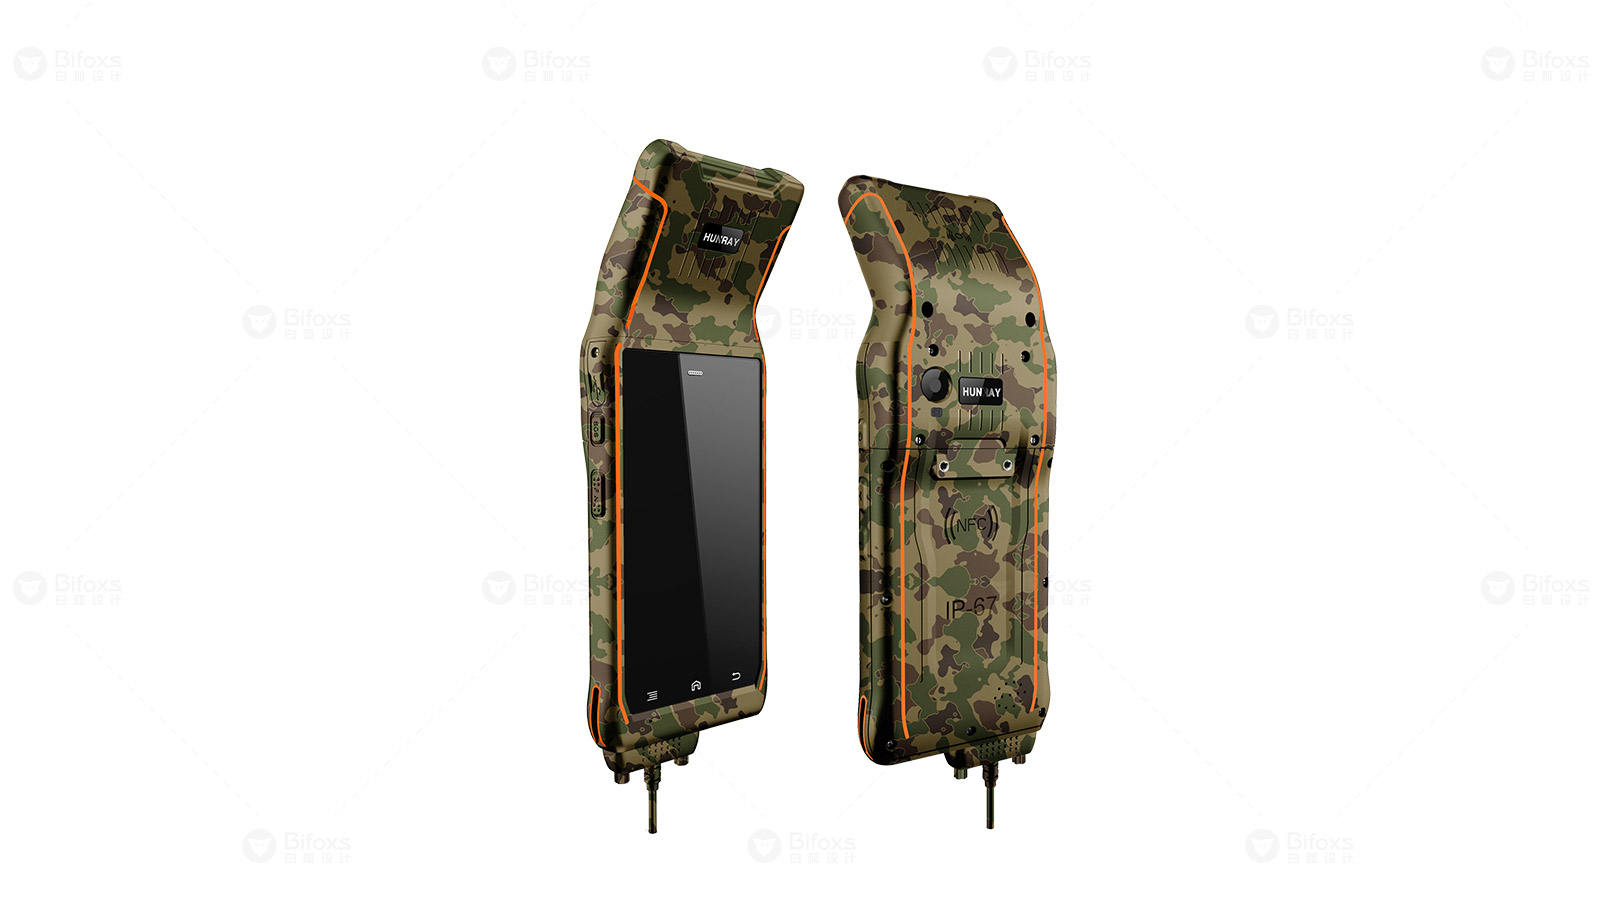 三防产品设计案例经验|军工三防产品设计可靠性标准